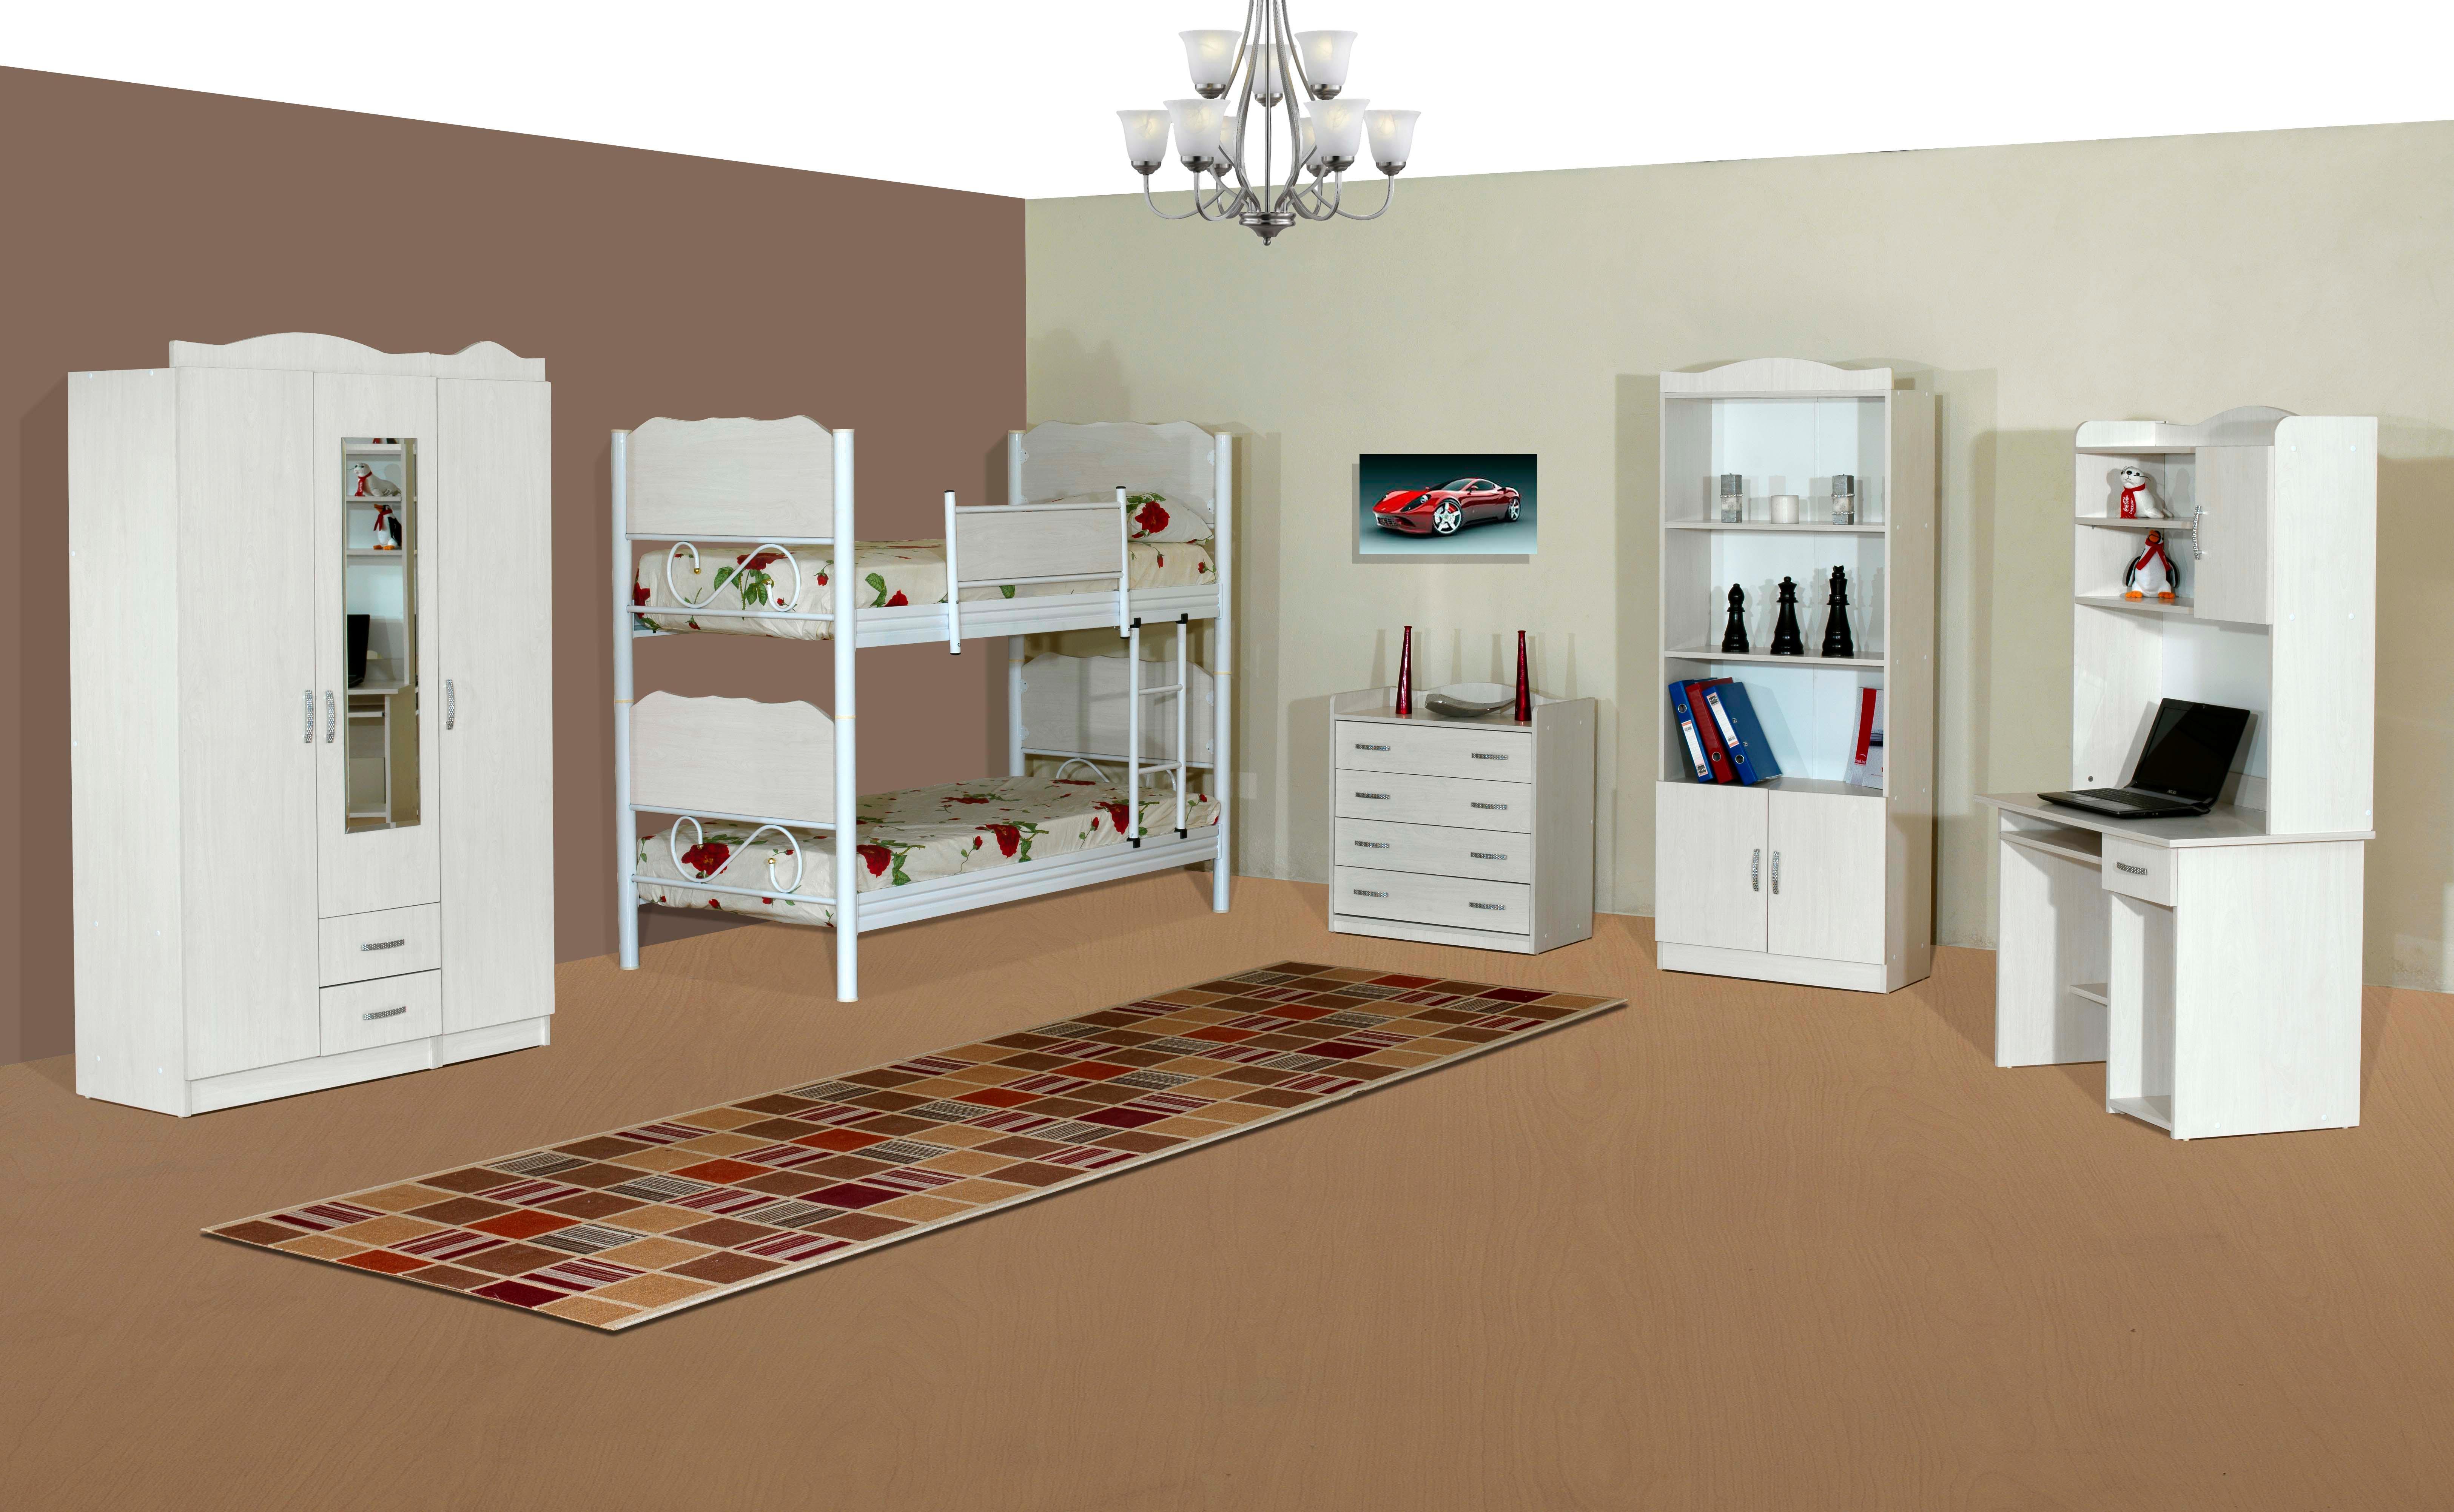 Ikea camera ispirazioni letto da for Arredamenti aventino letti